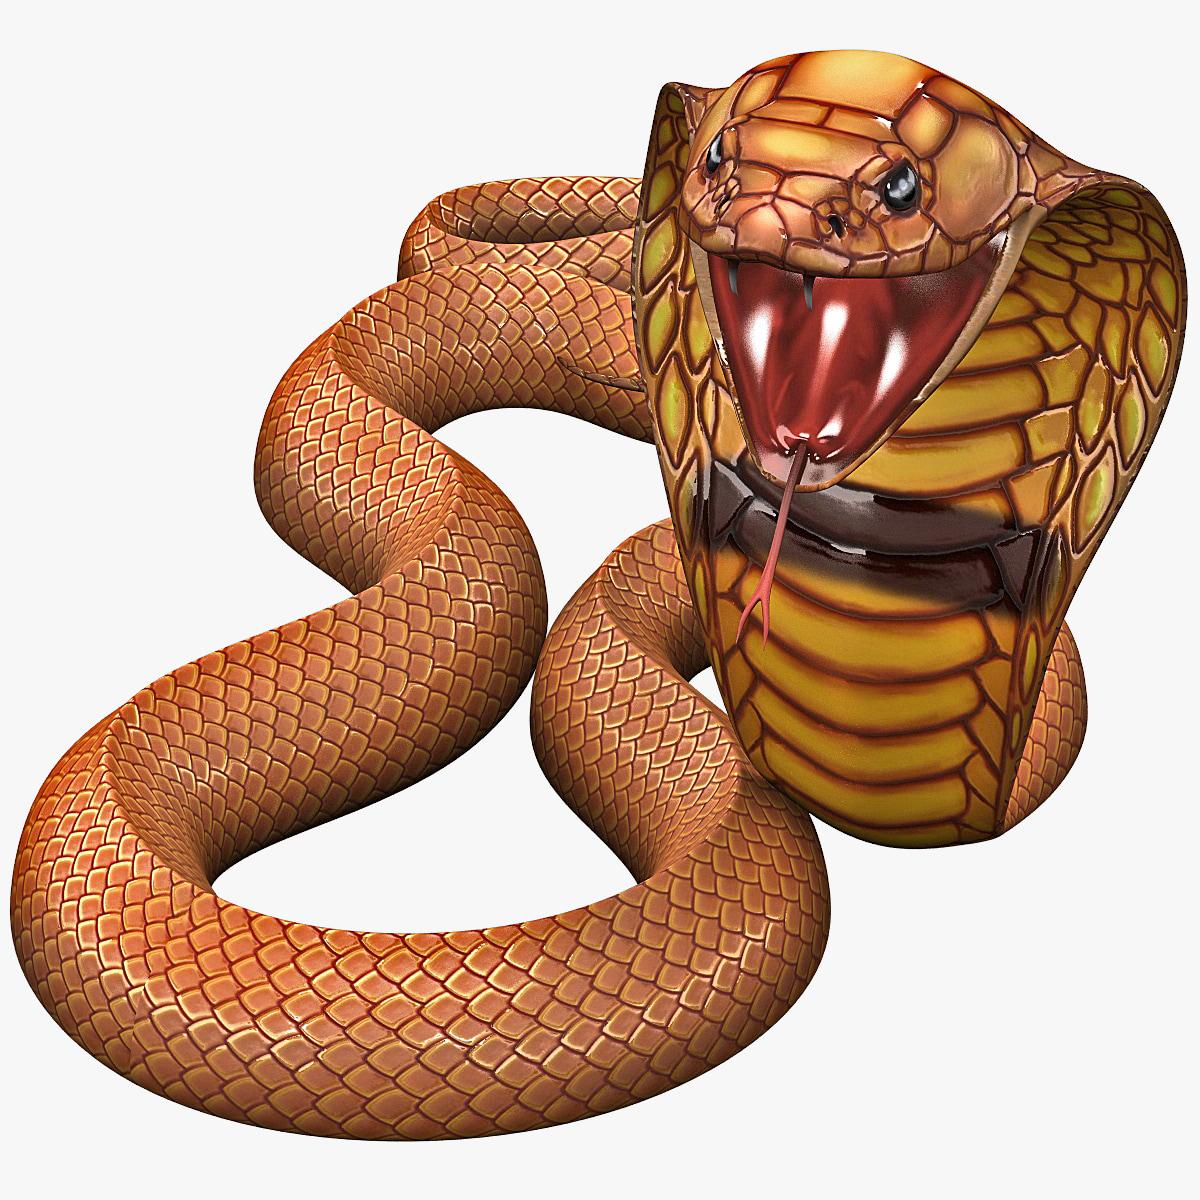 Snake_Cobra_Pose_6_000.jpg